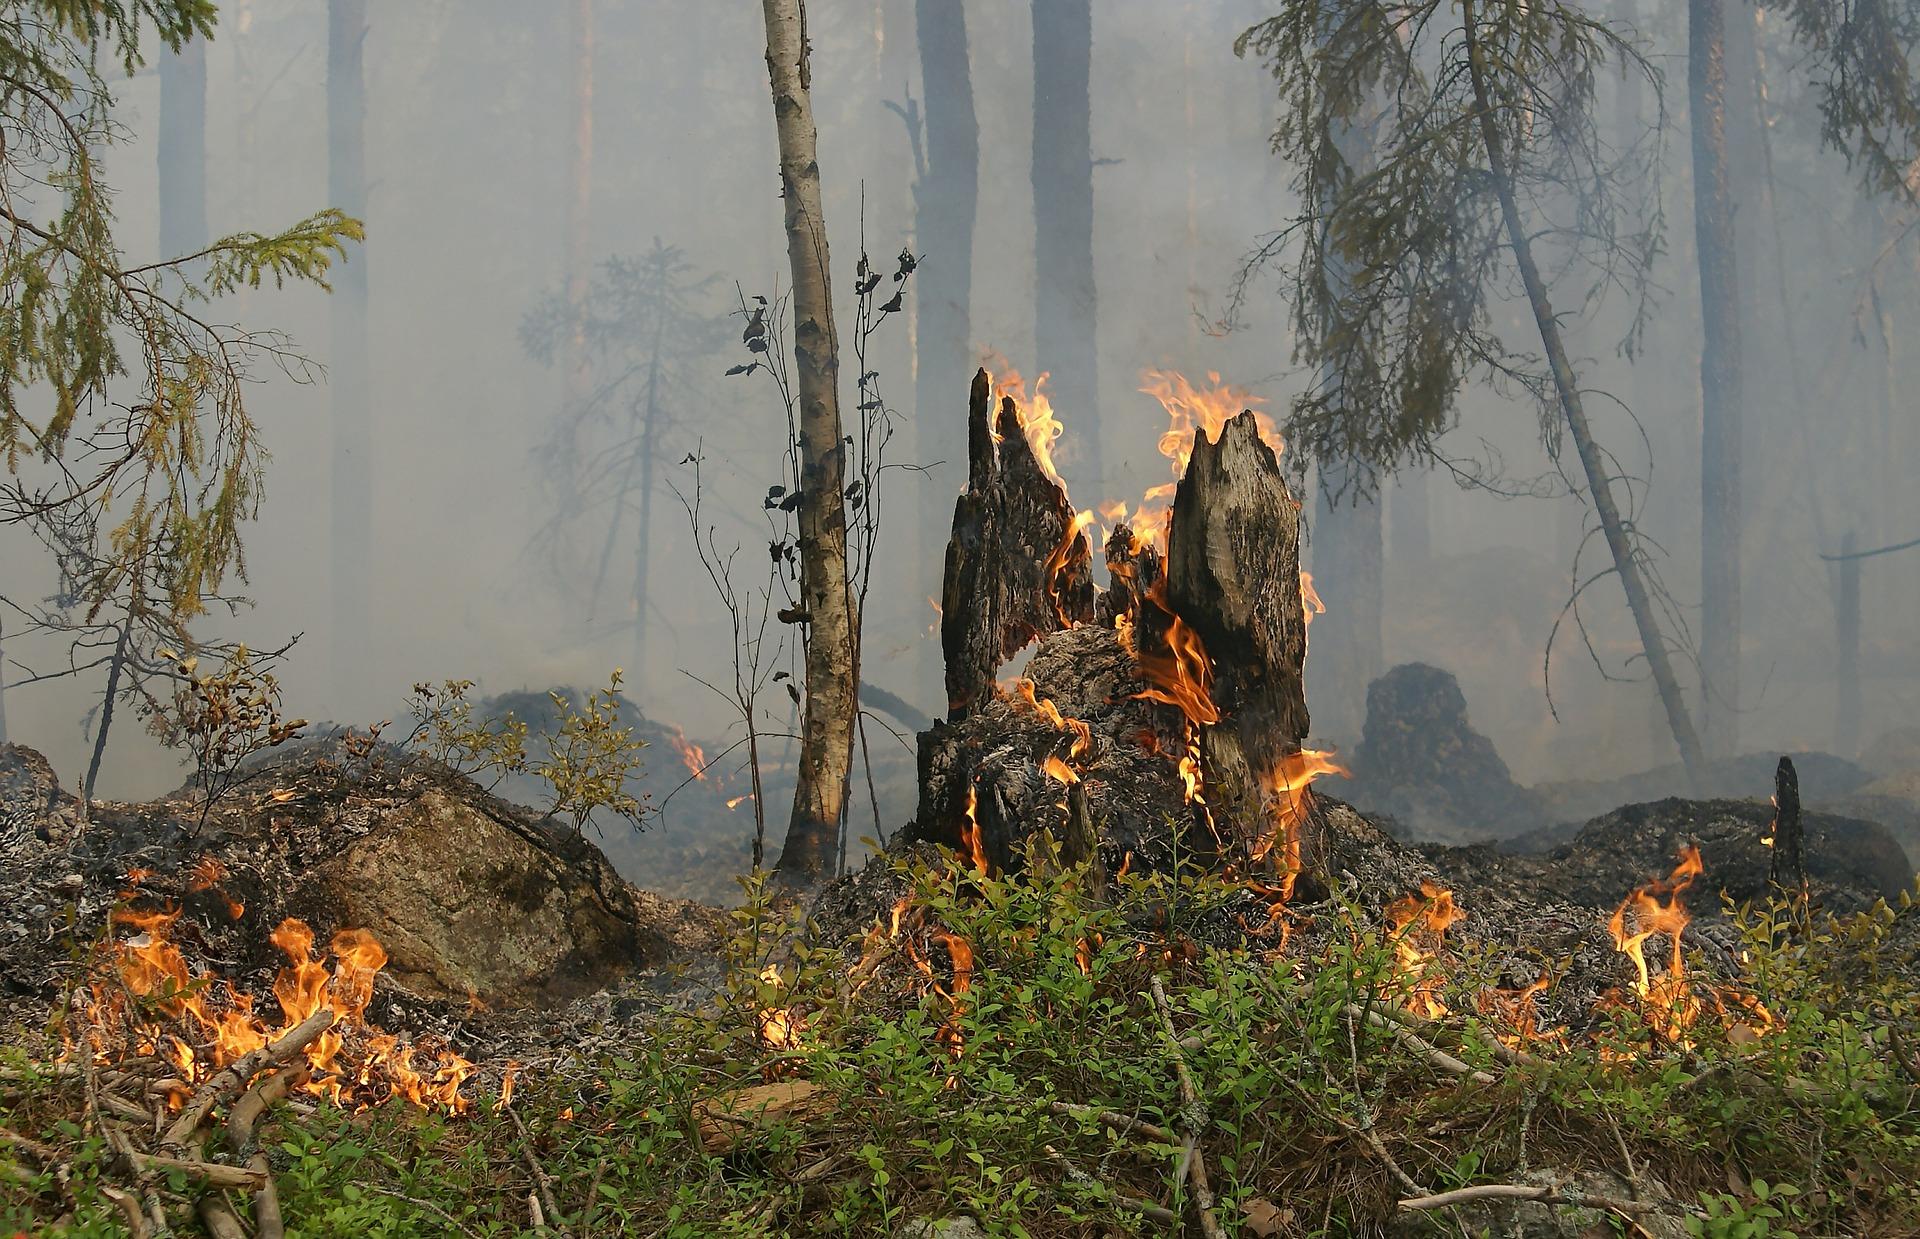 Waldbrandgefahr - wegen des trockenen Sommers auch 2019 sehr hoch